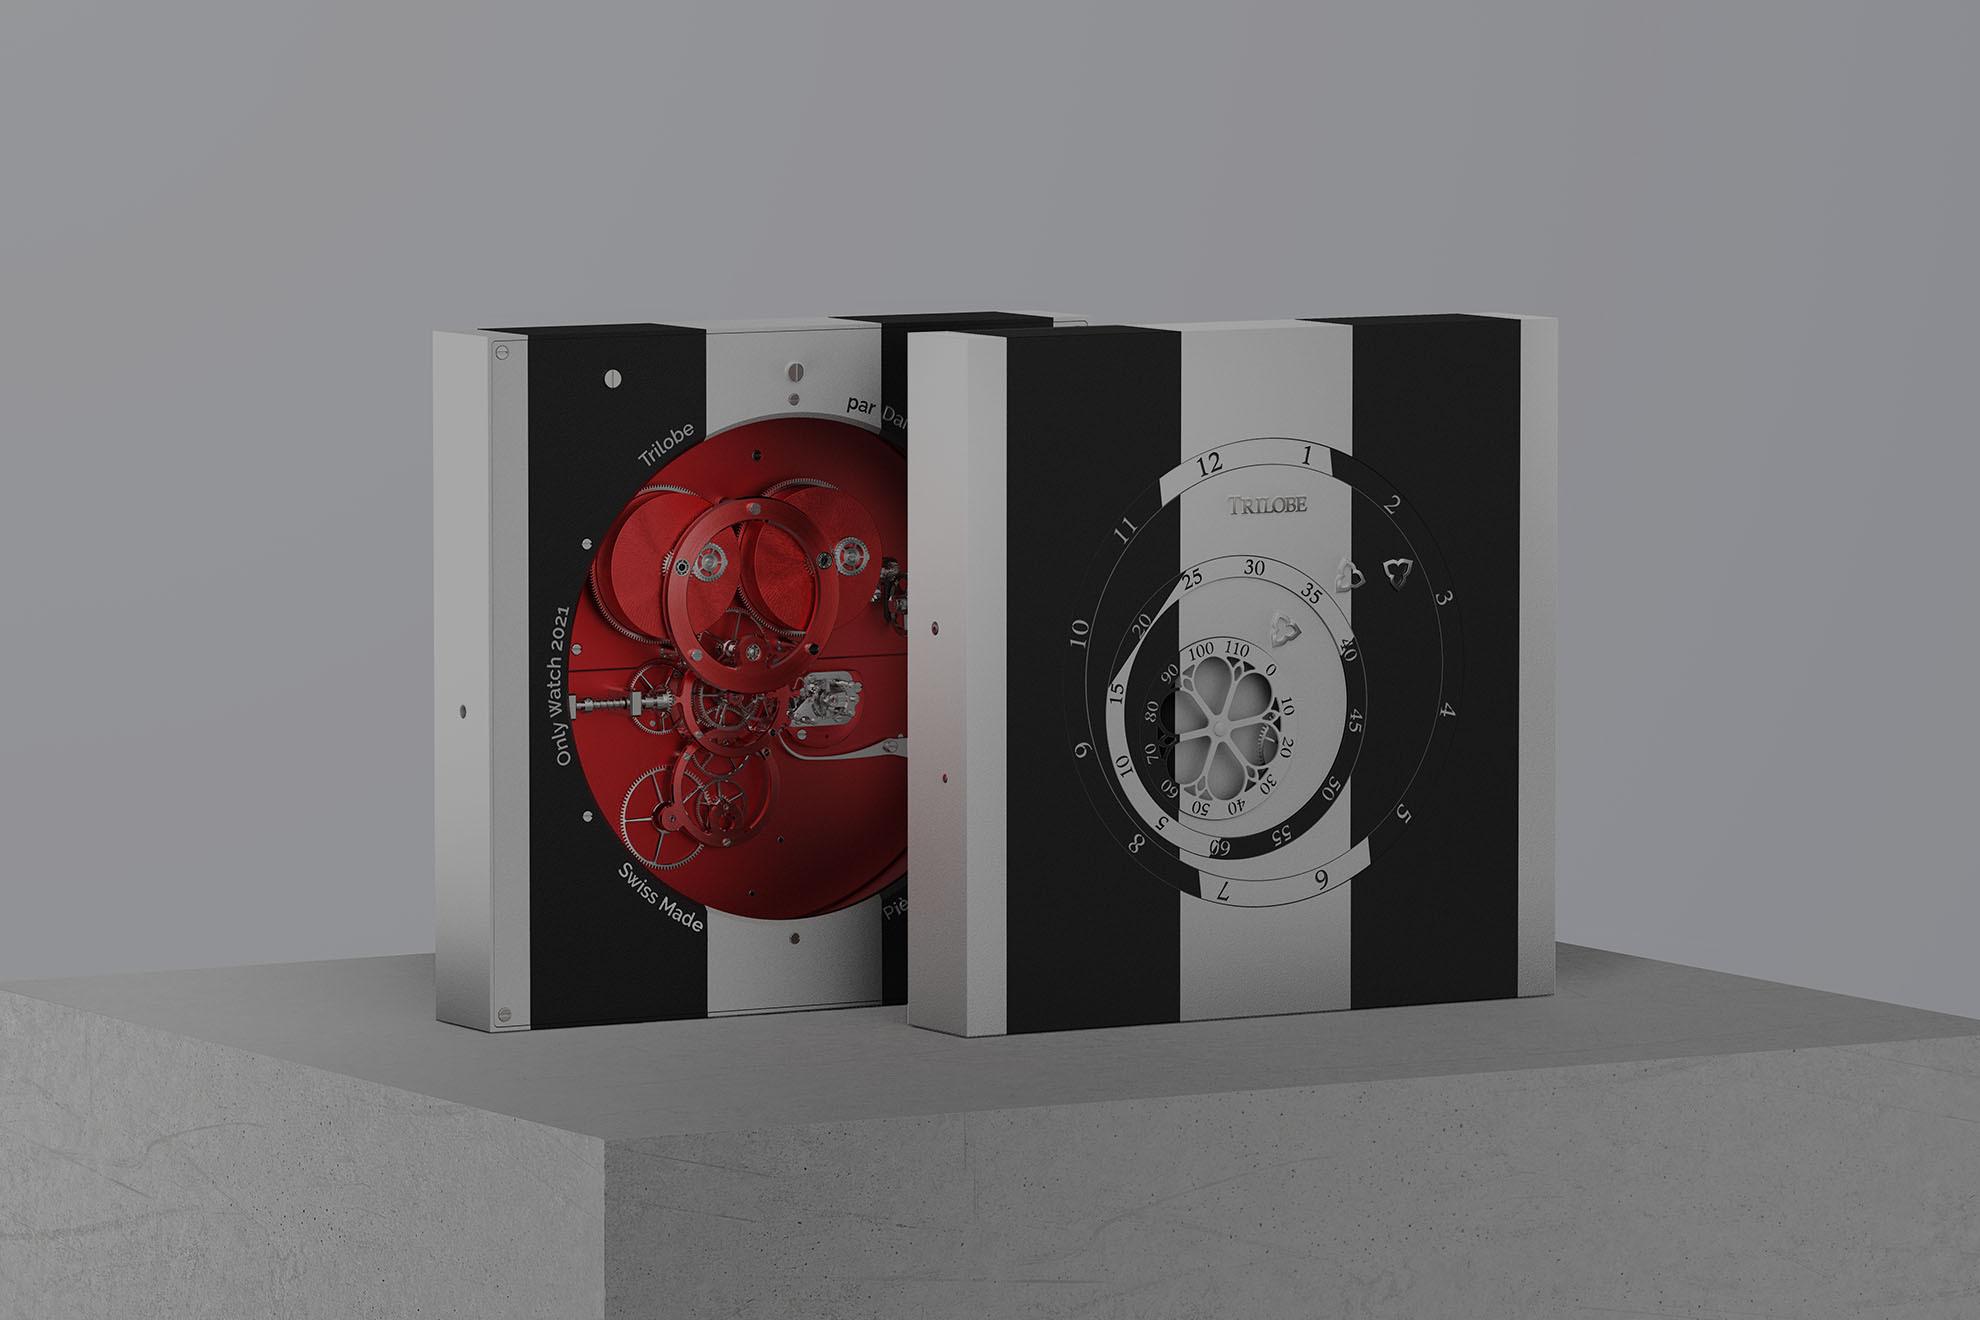 Horloge Trilobe par Daniel Buren, La Réciproque, développée à l'occasion de la vente Only Watch 2021